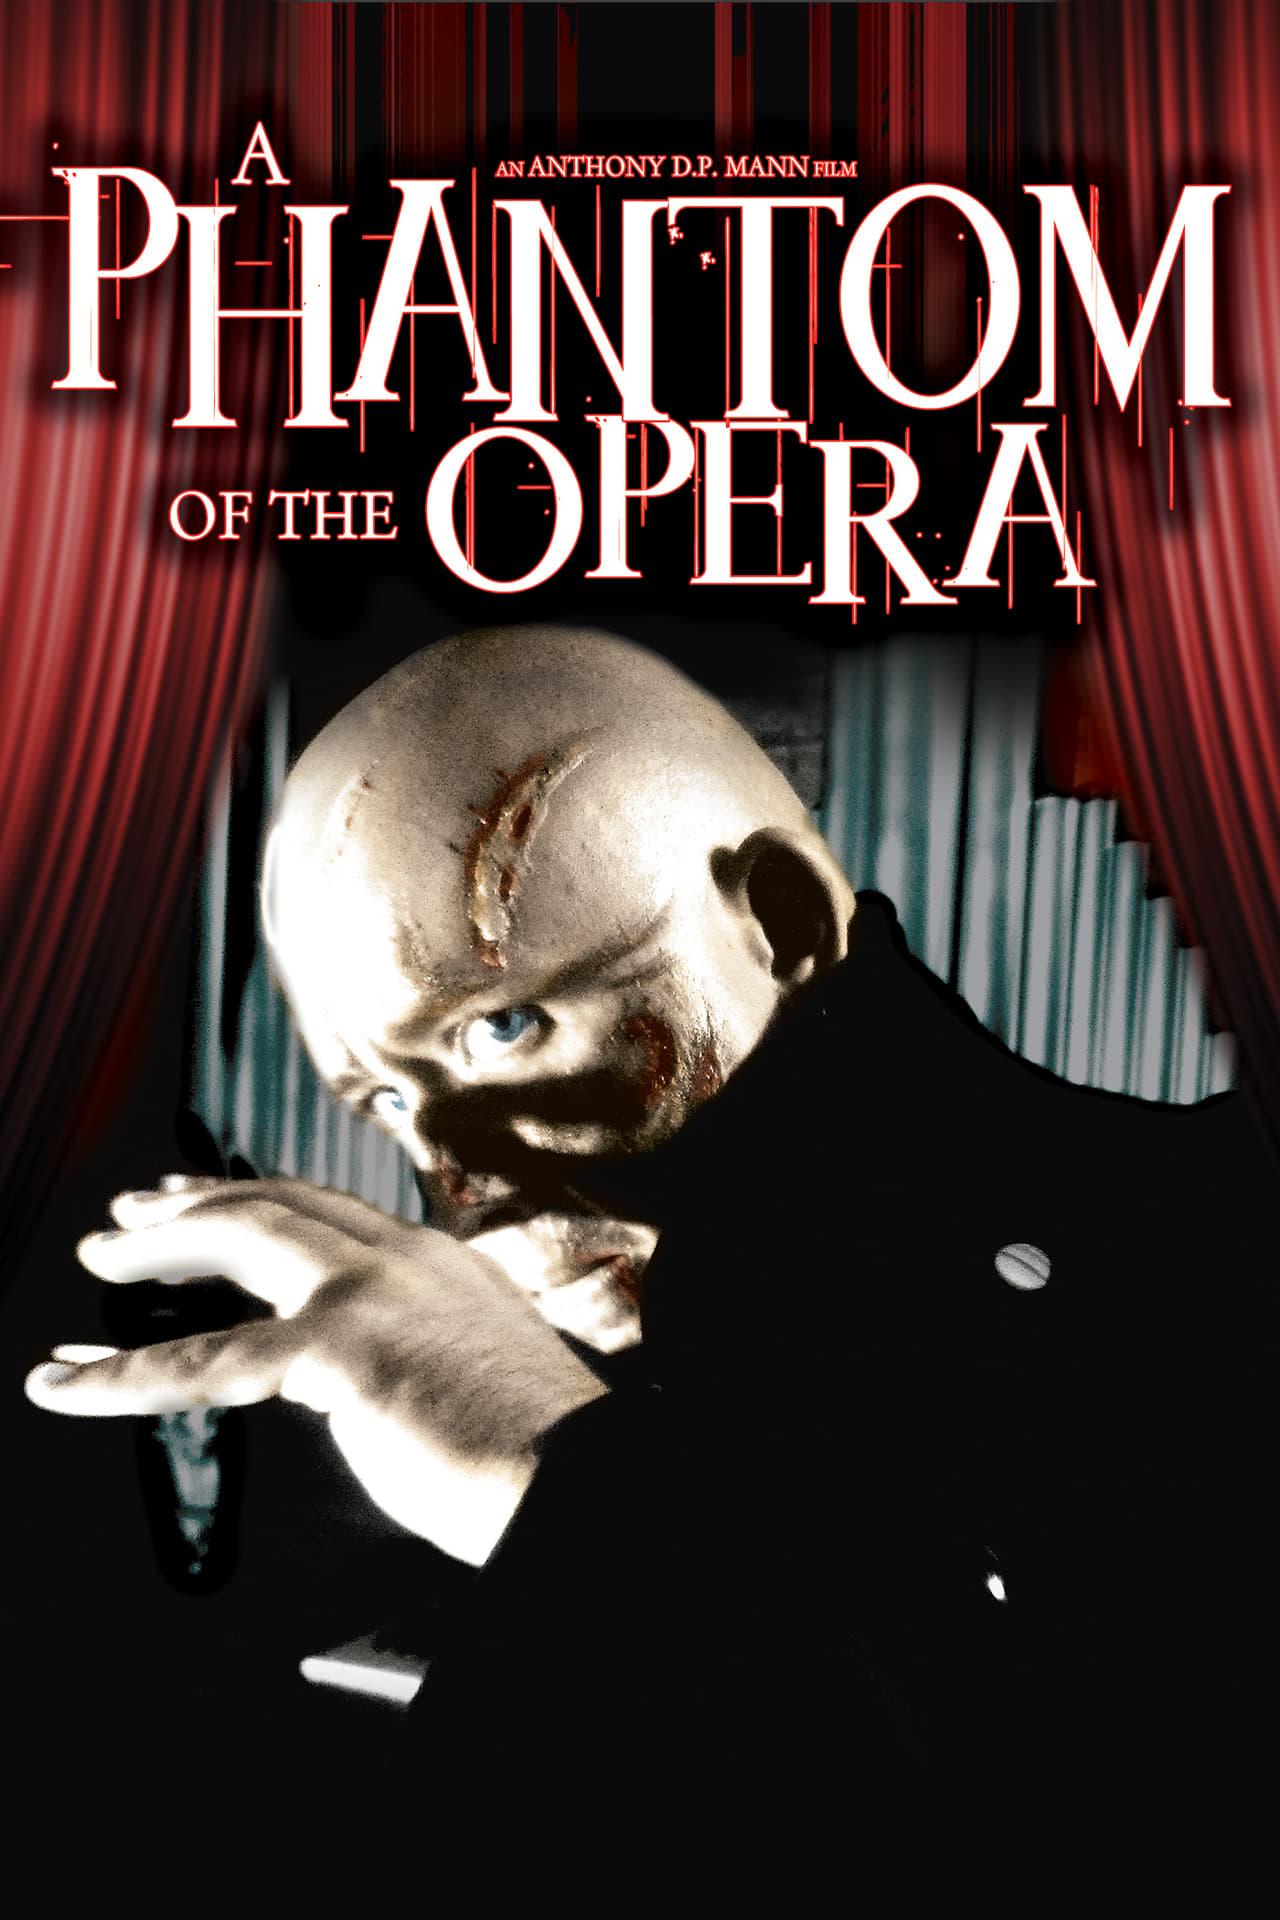 A Phantom of the Opera